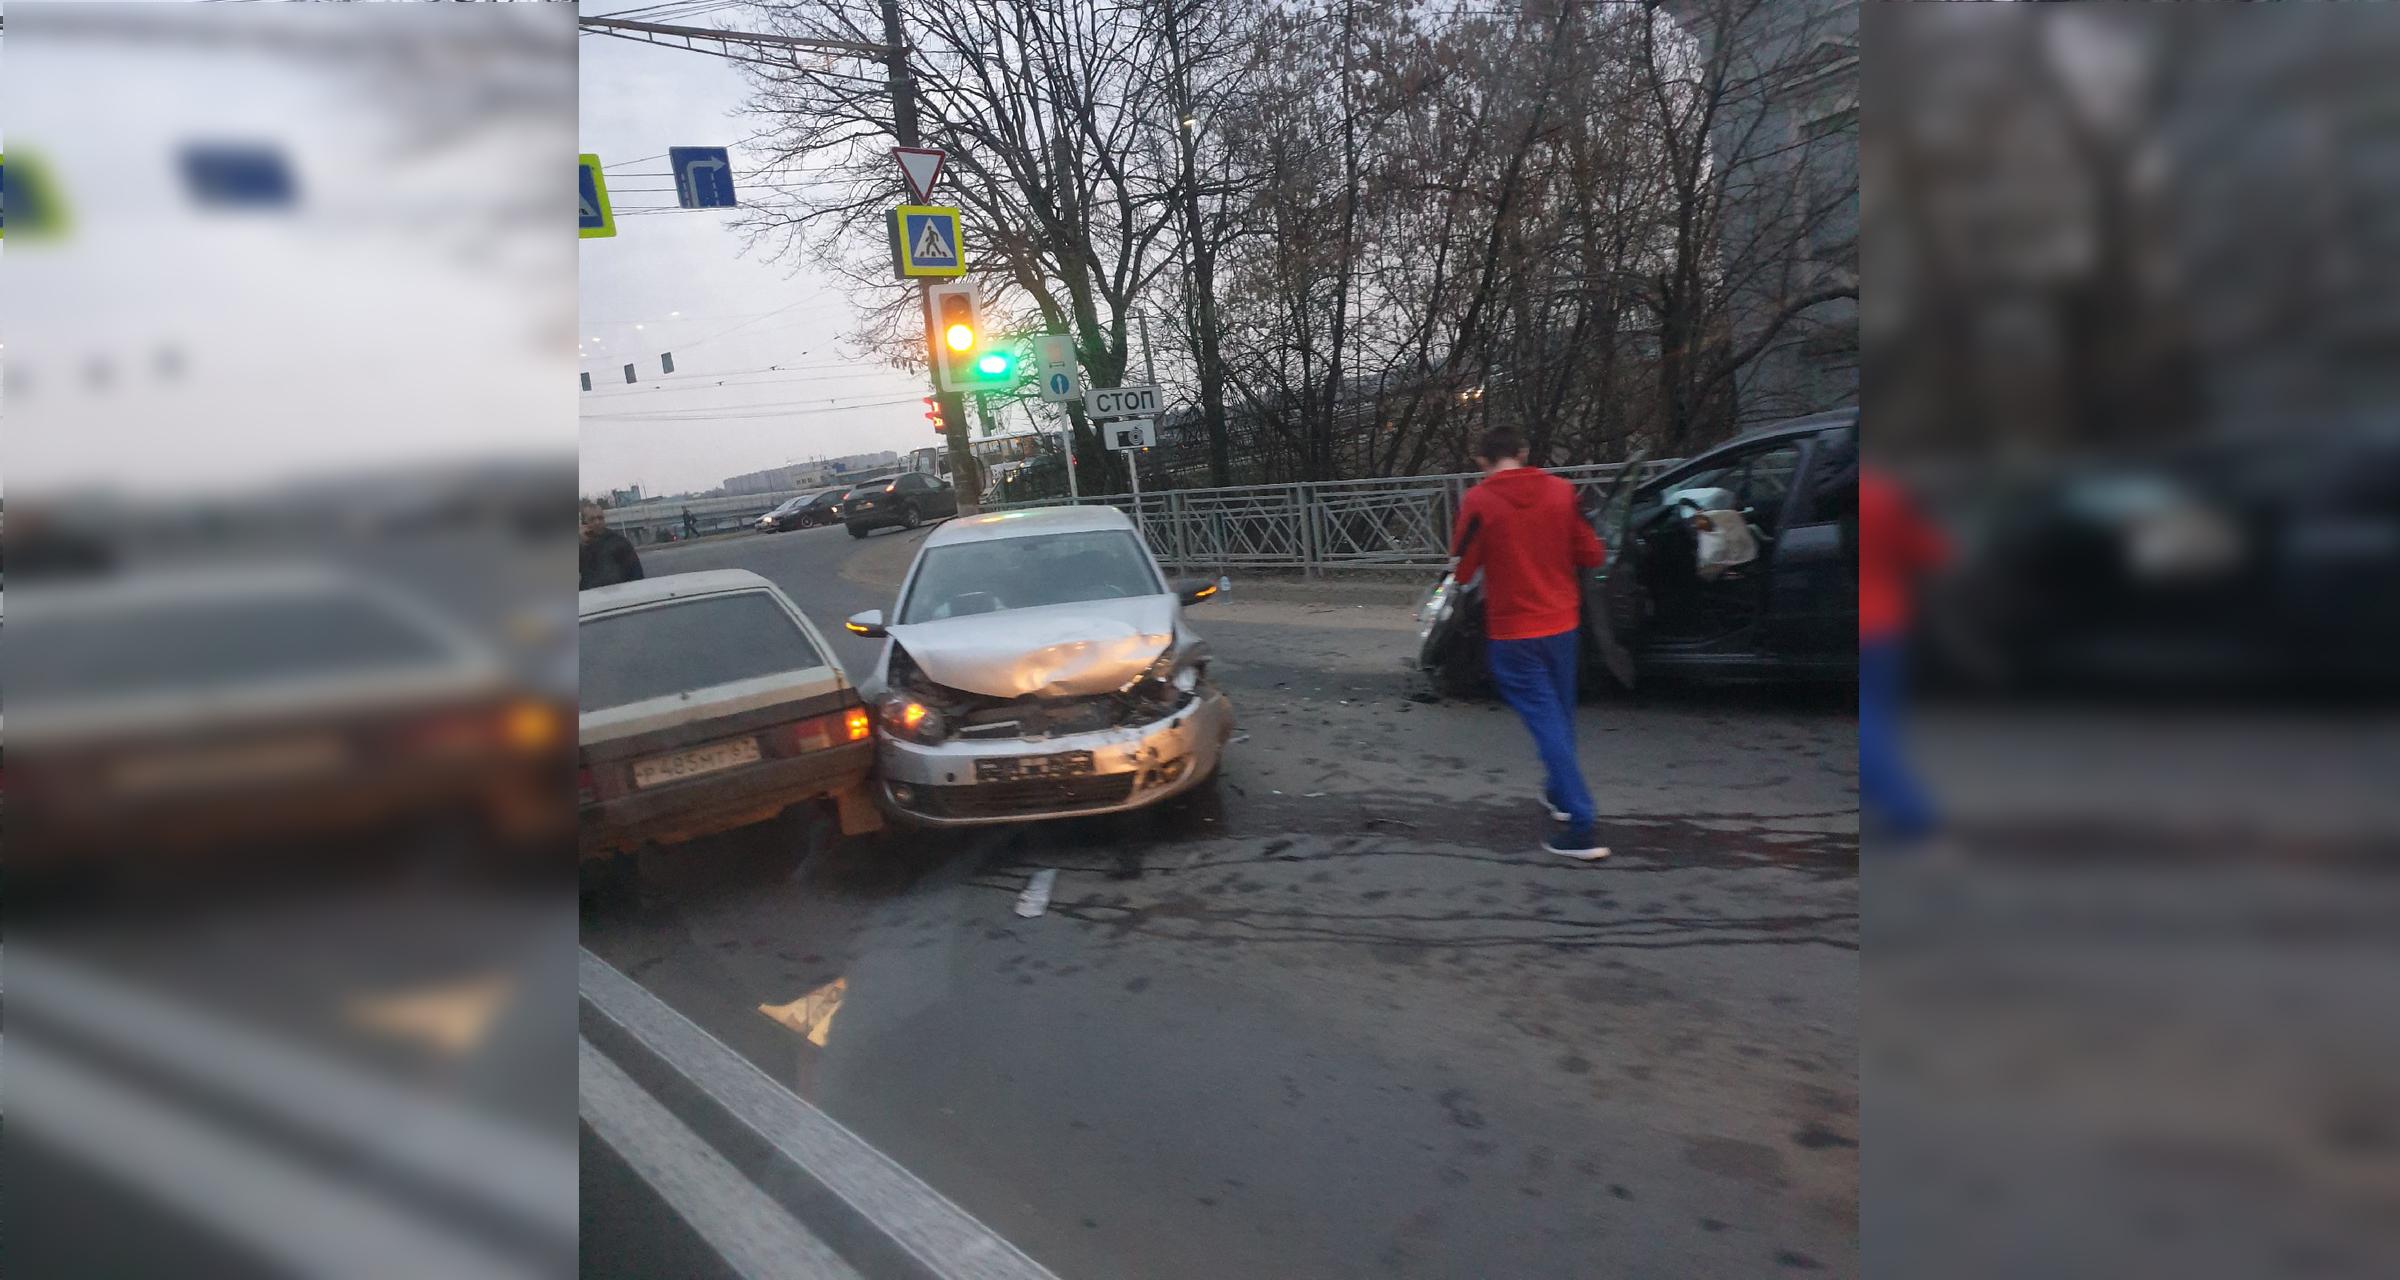 Столкновение 3-х автомобилей на Витебском шоссе в Смоленске затруднило проезд транспорта